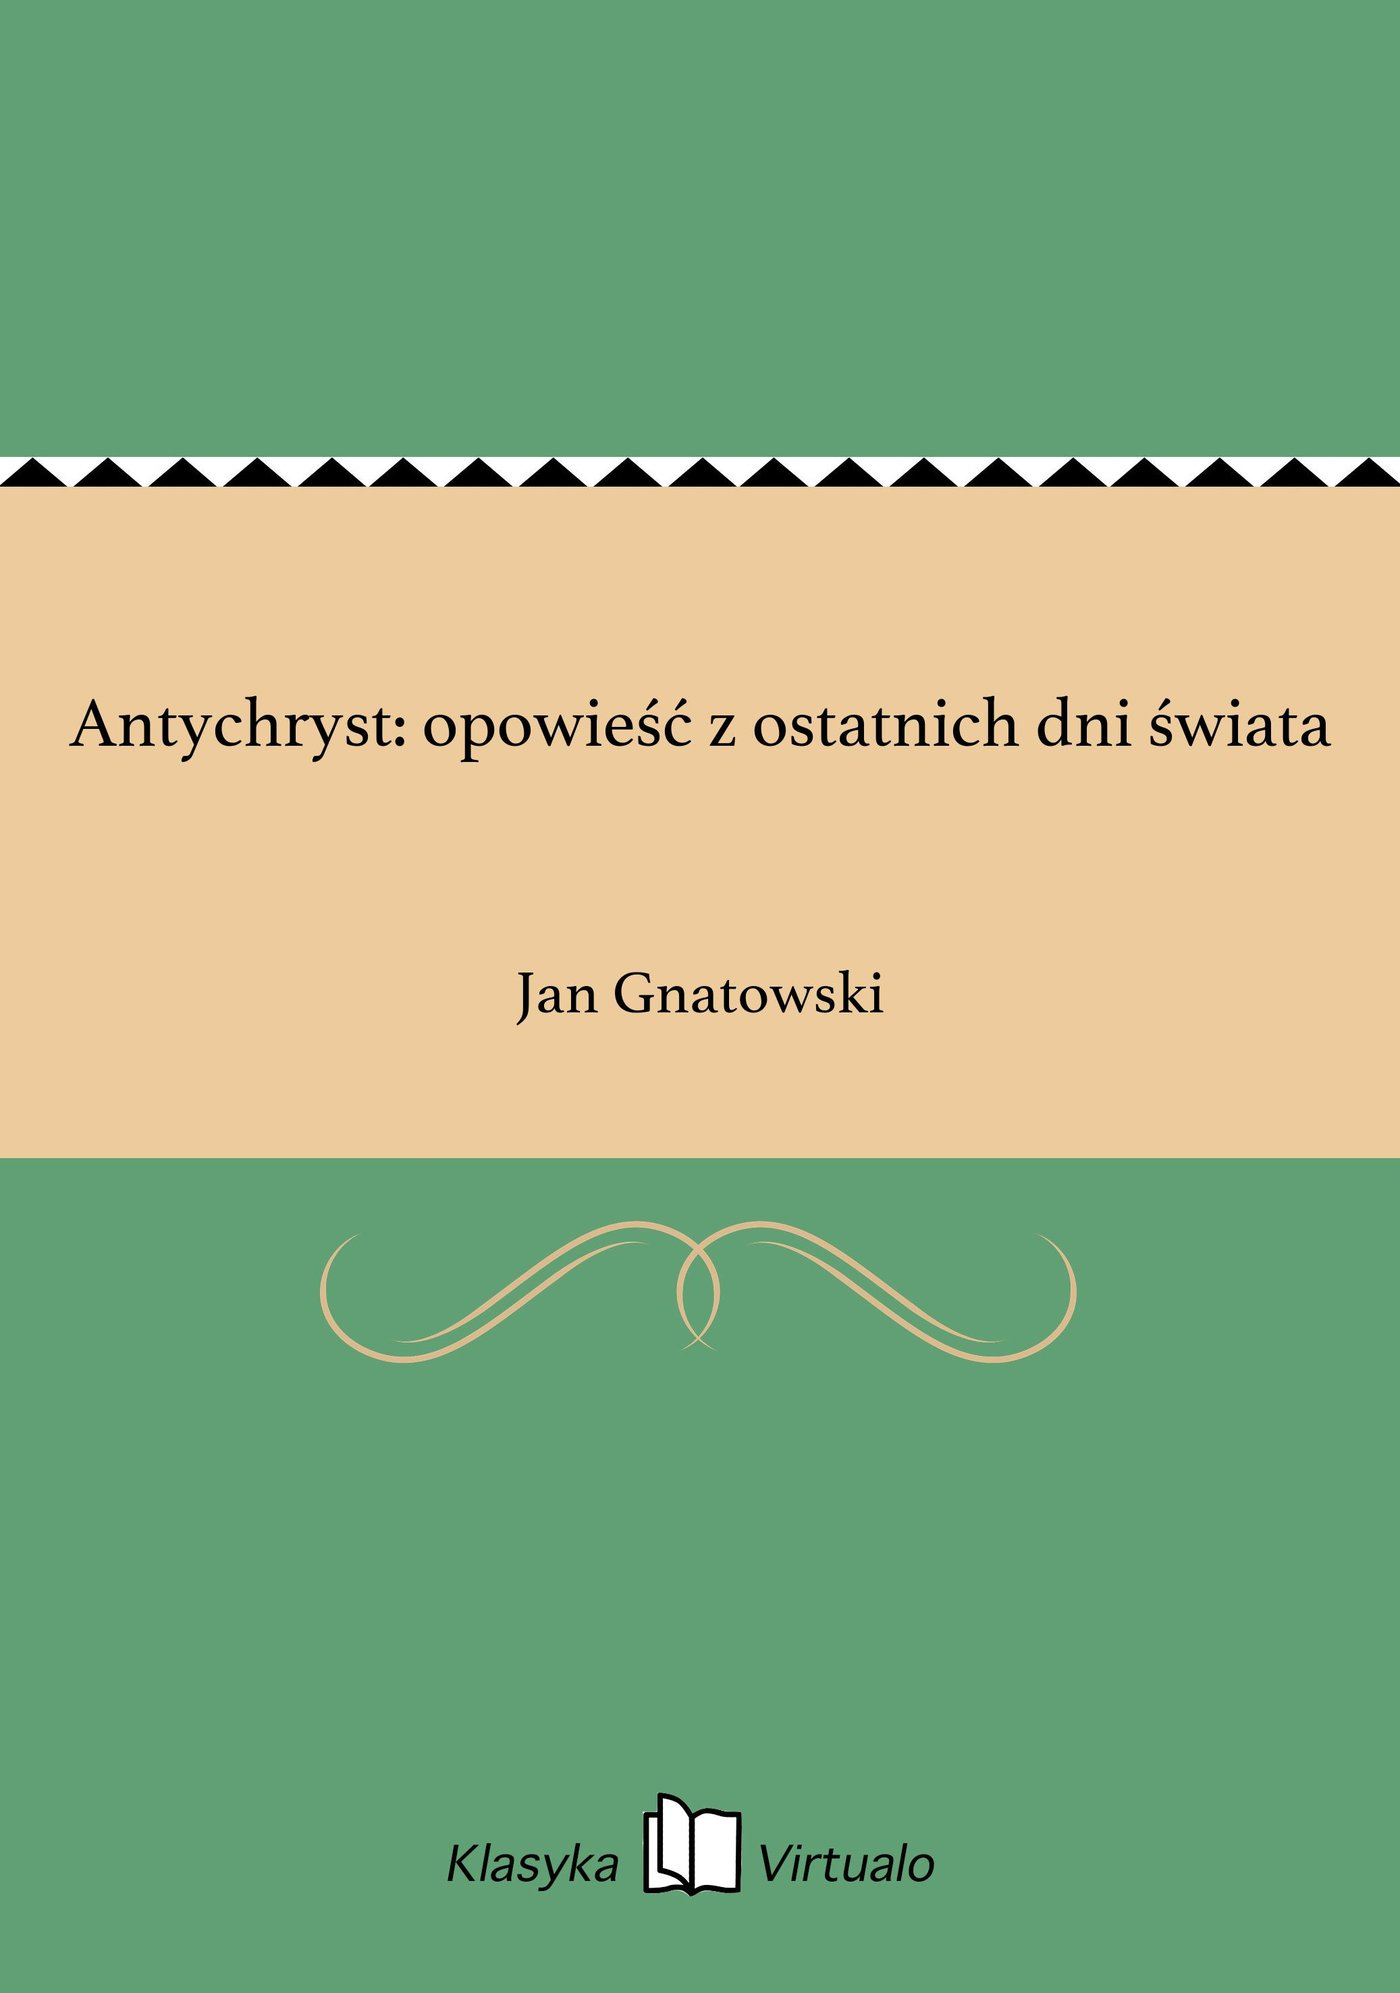 Antychryst: opowieść z ostatnich dni świata - Ebook (Książka EPUB) do pobrania w formacie EPUB